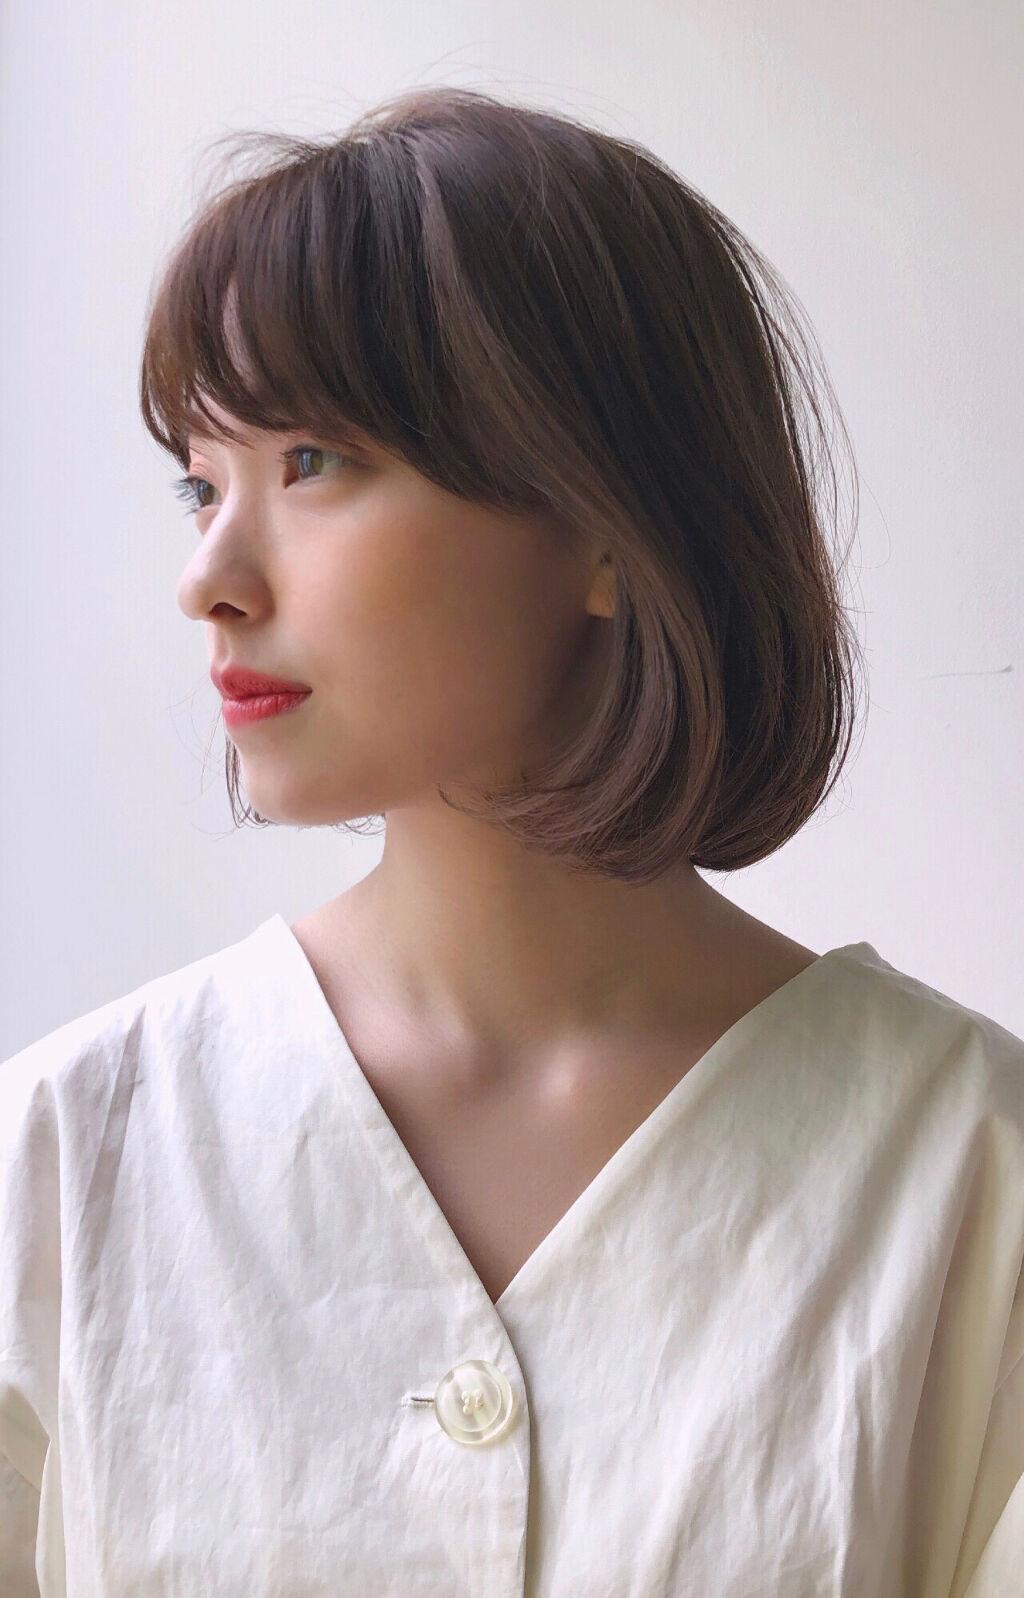 「韓国発のおすすめ洗顔料!透明感・毛穴ケアに最適な選び方と洗顔方法」の画像(#180444)